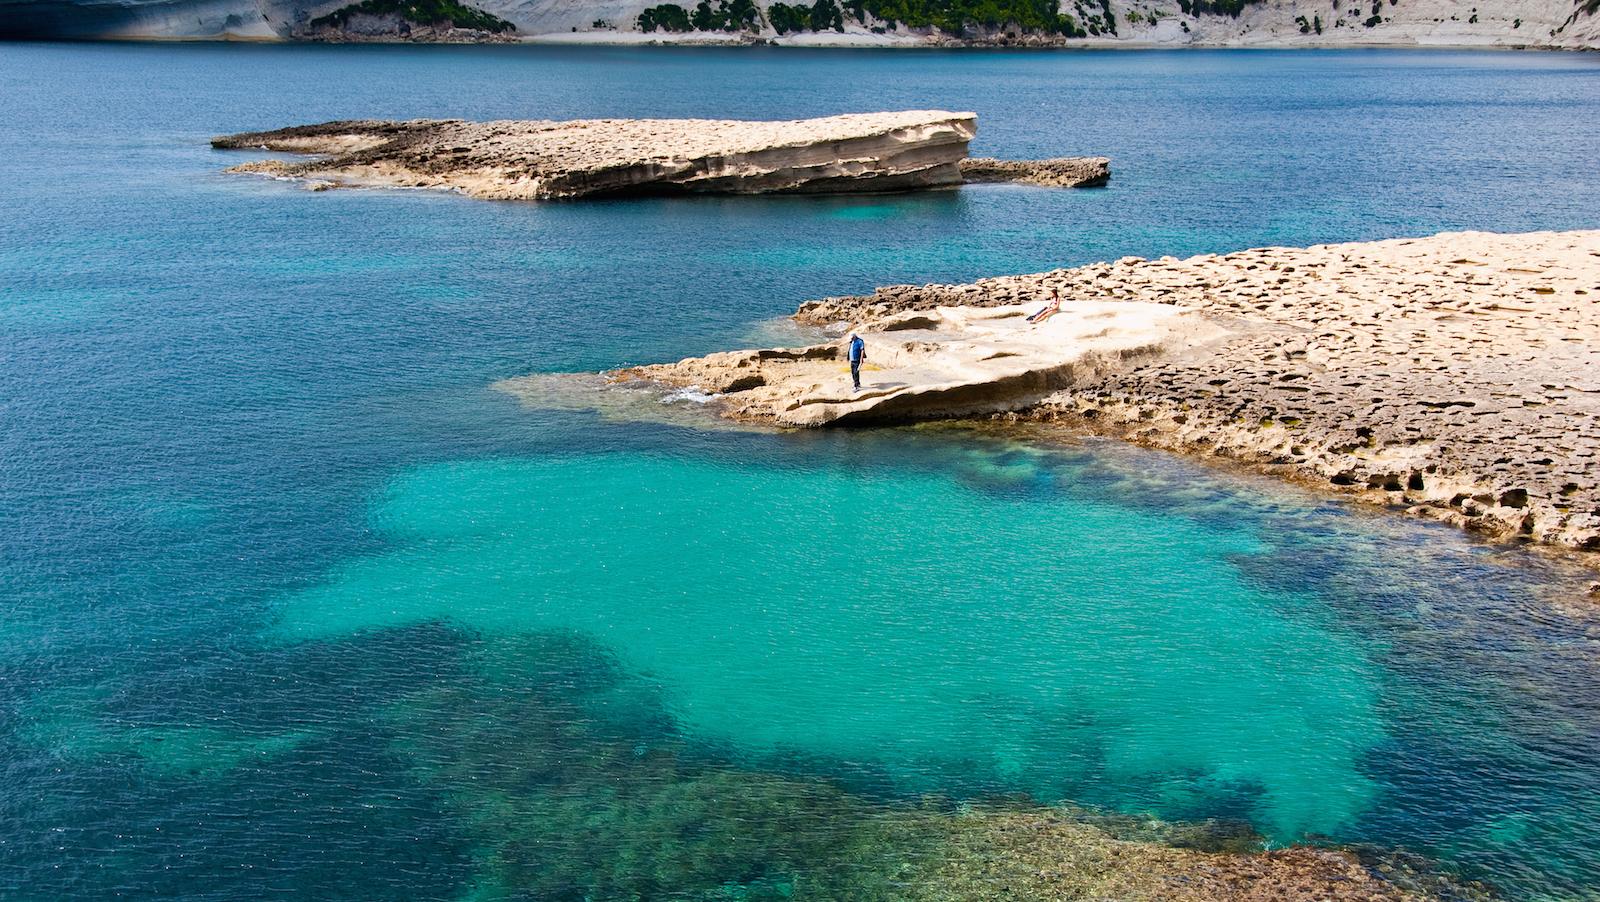 Il mare di Malta, una meraviglia cristallina